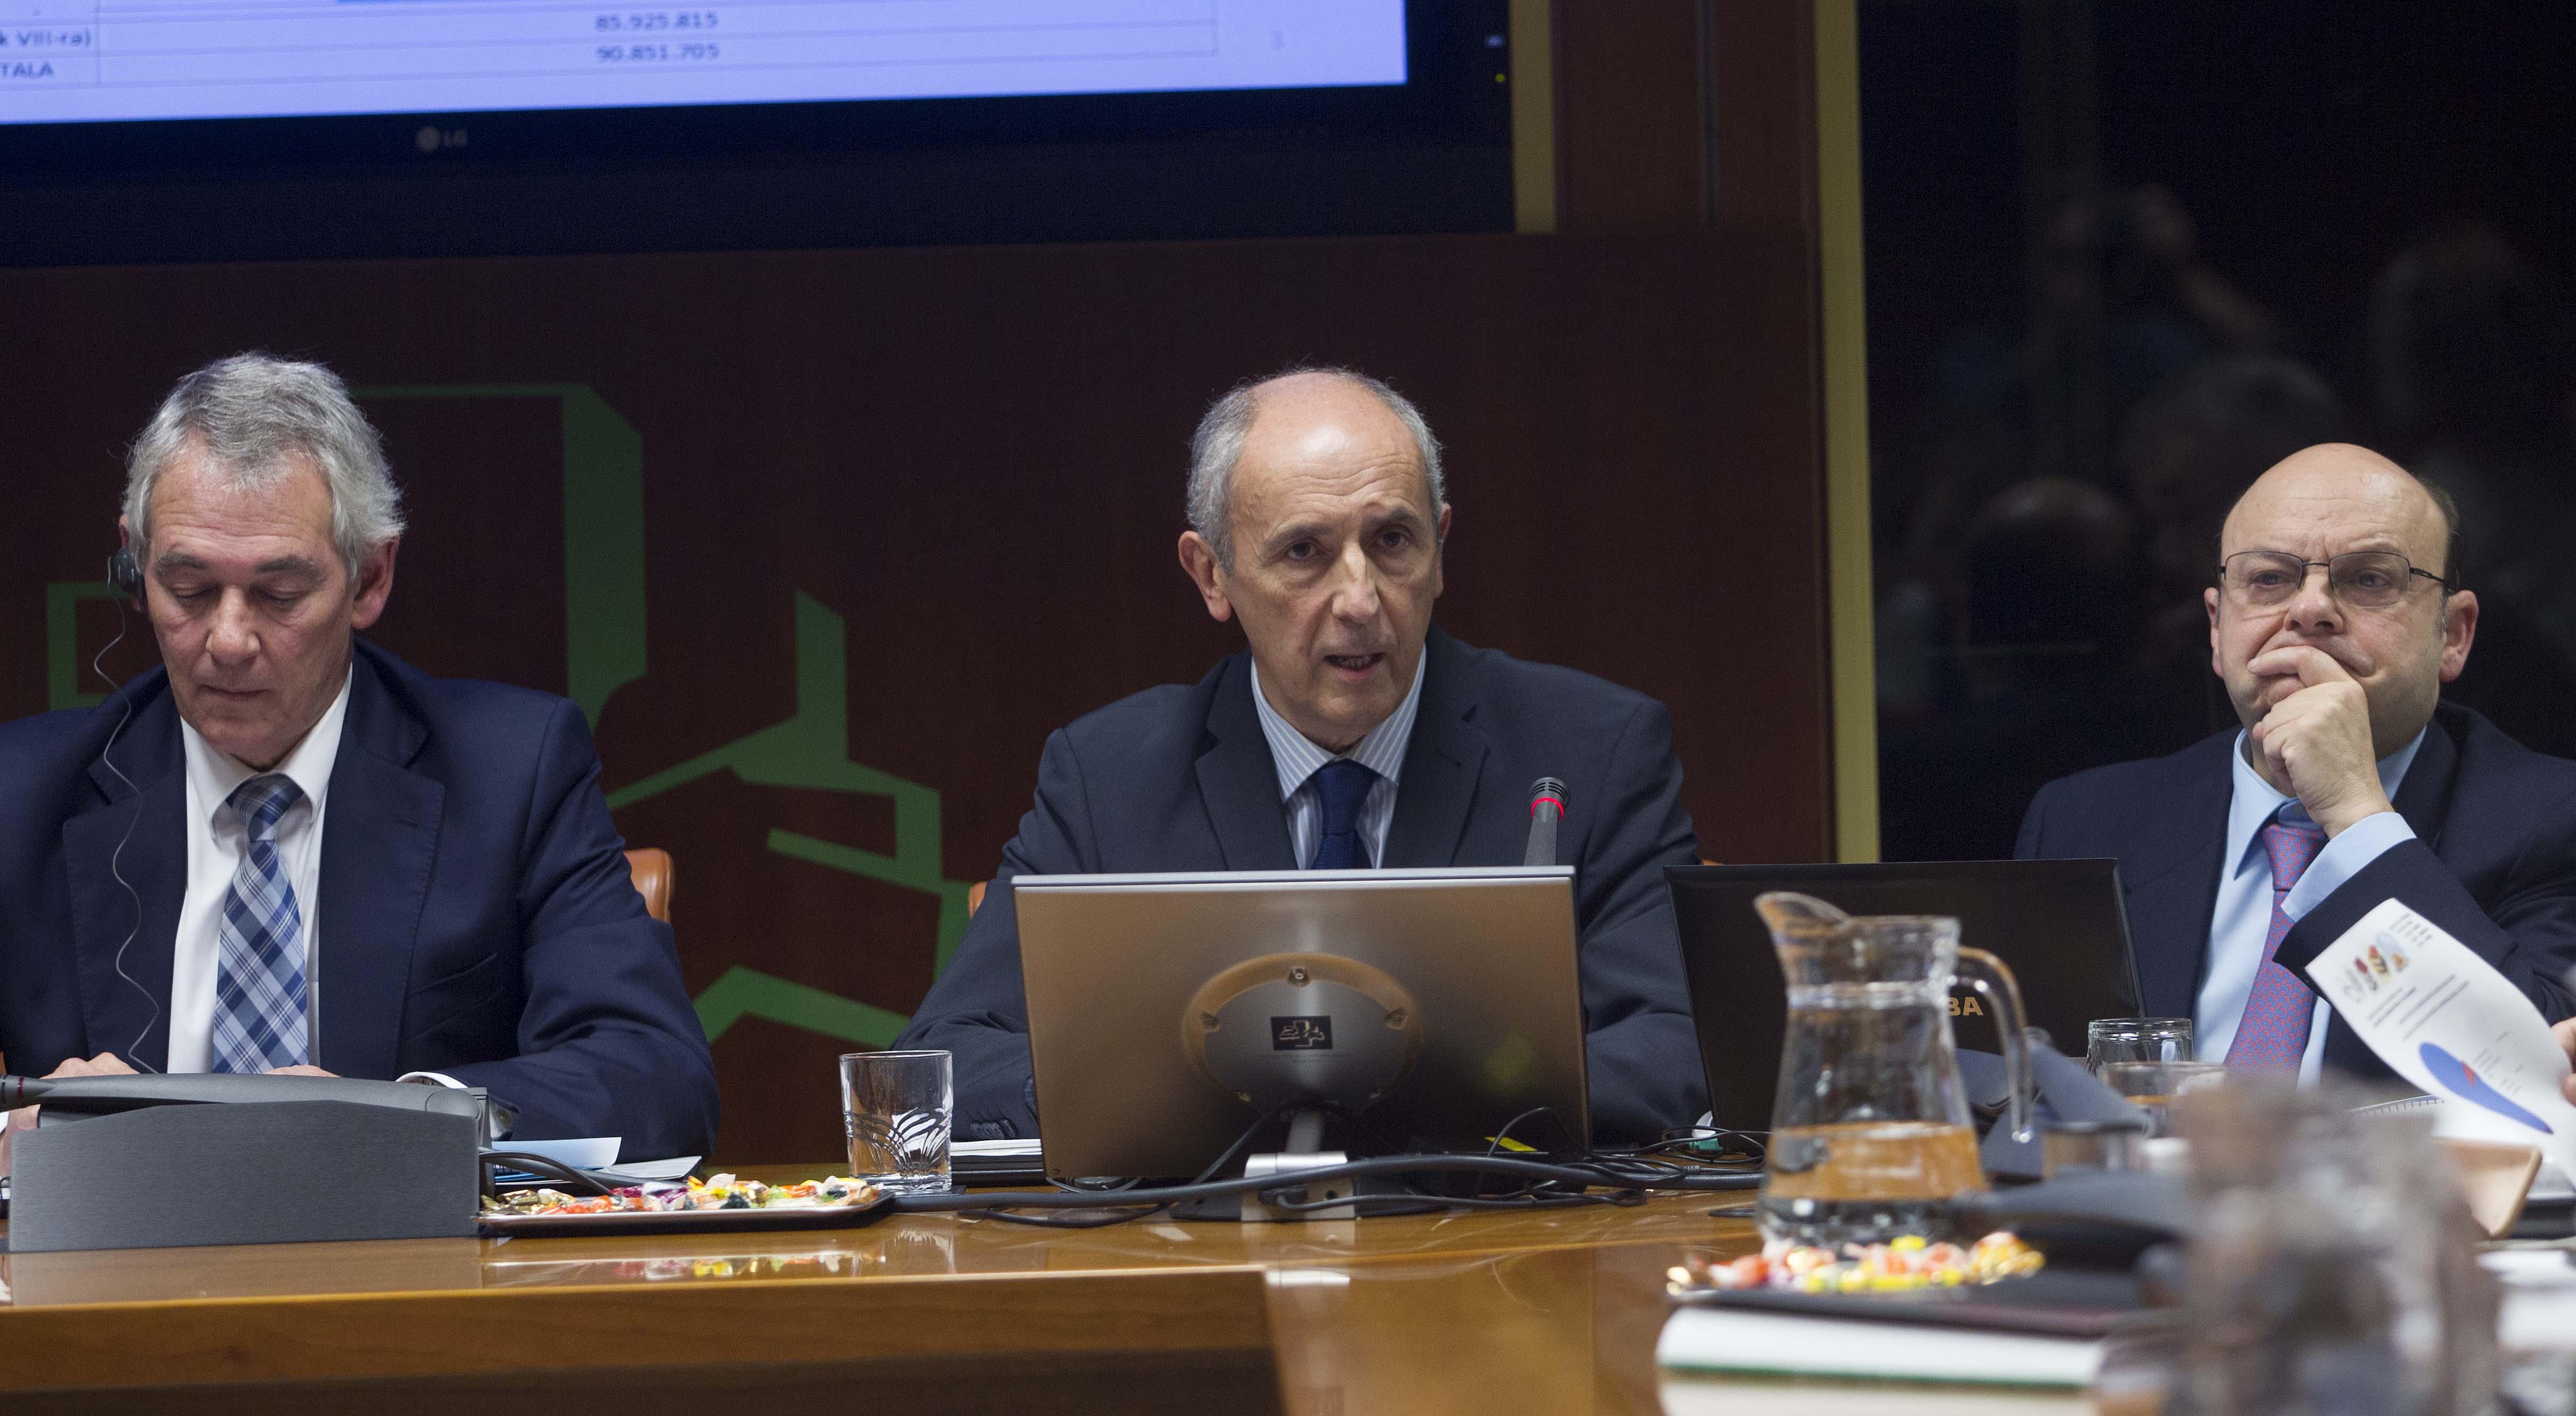 El presupuesto del Departamento de Gobernanza Pública y Autogobierno se eleva, en 2018, a los 118,6 millones de euros, un 5% más que el pasado año